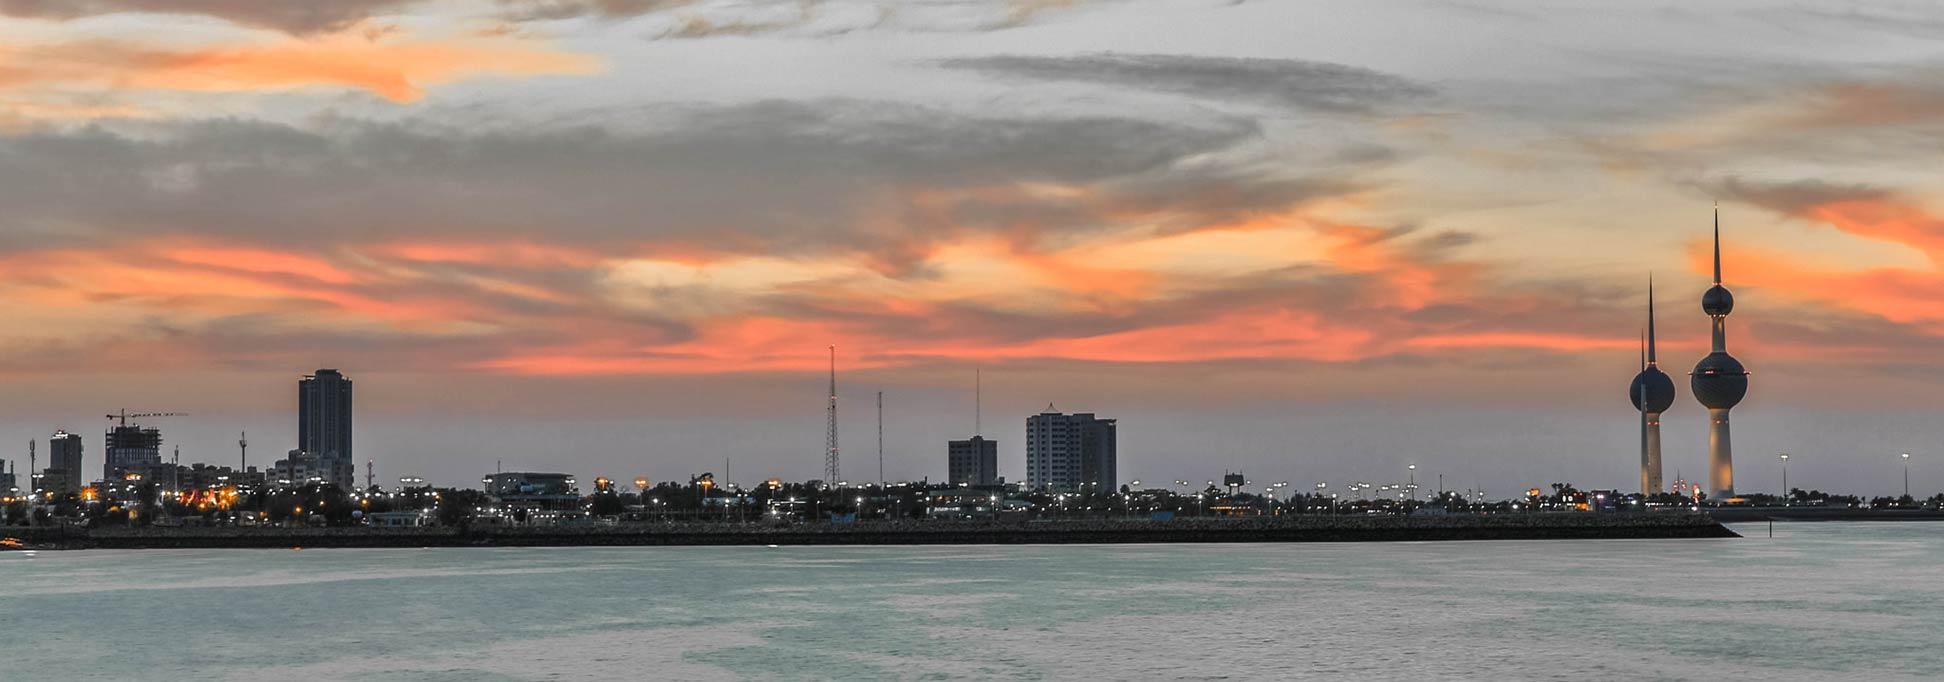 اب و هوای کویت